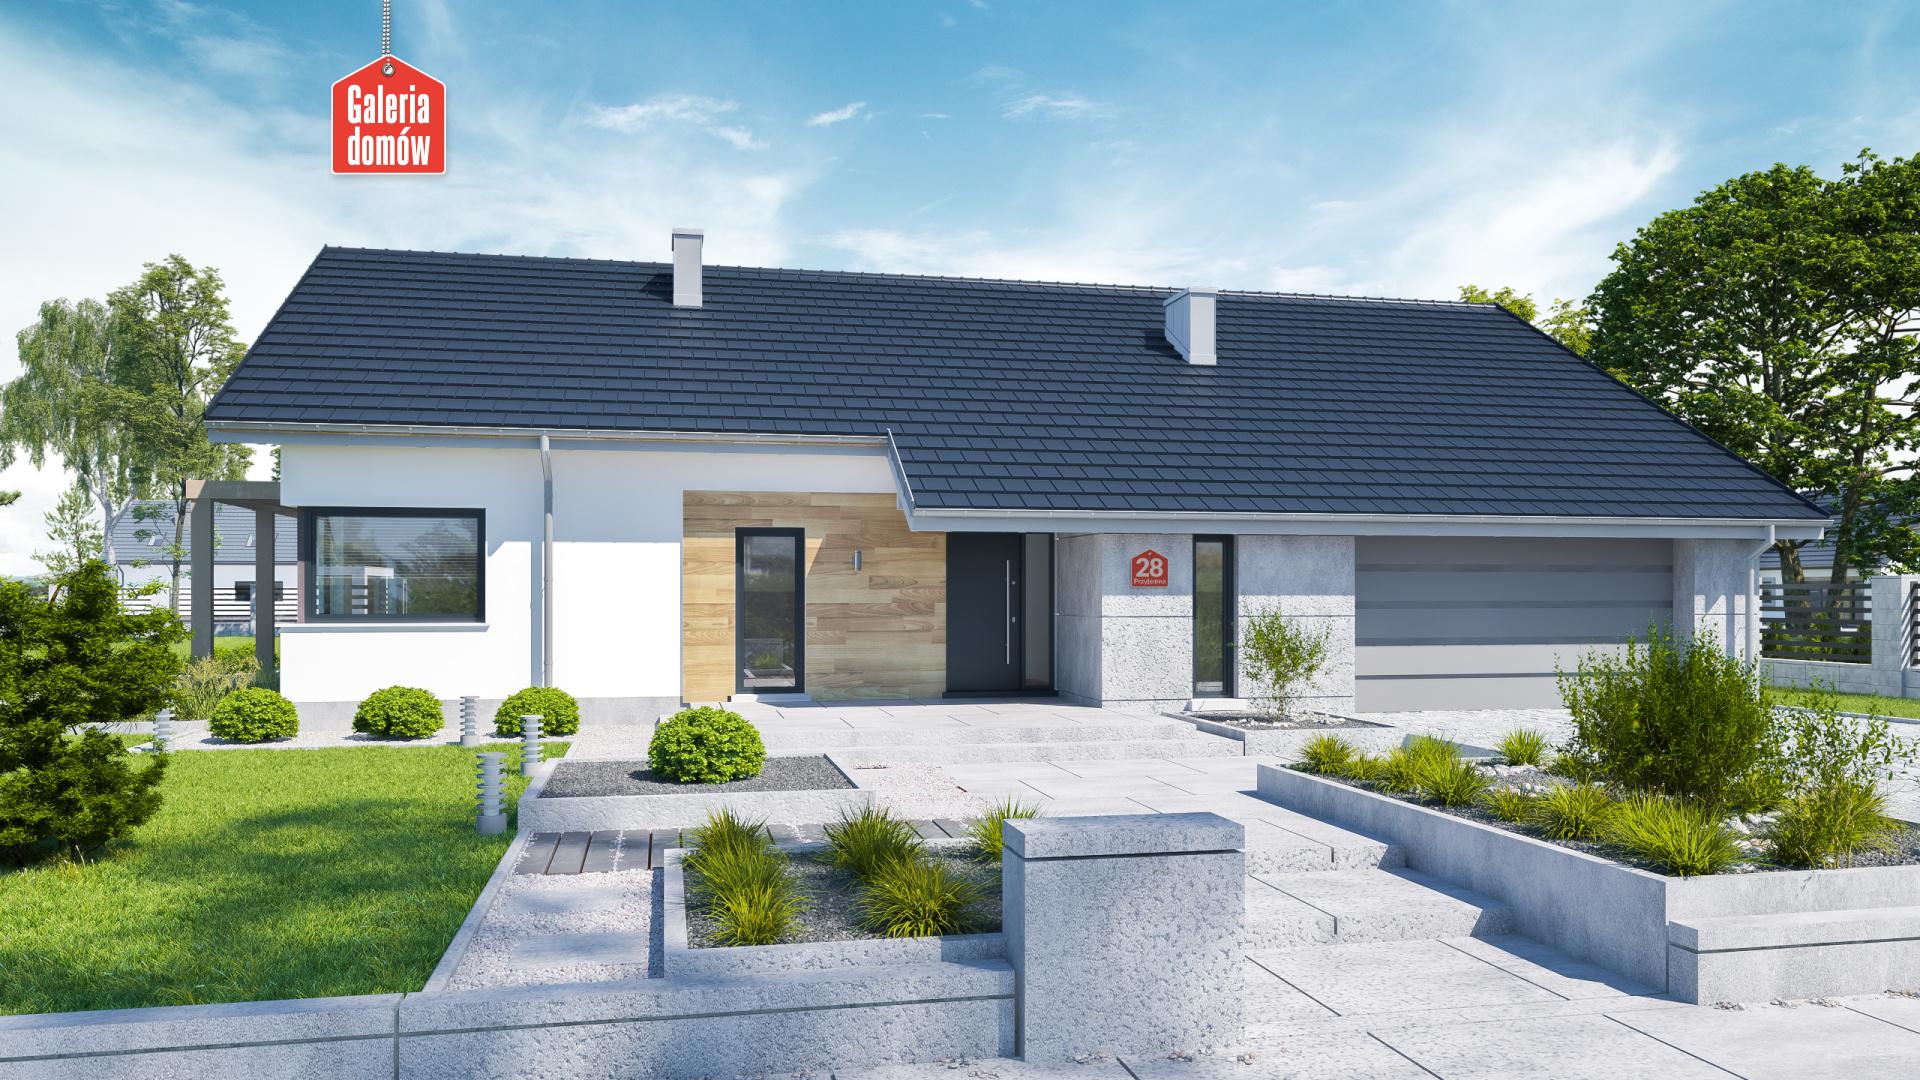 Dom przy Przyjemnej 28 bis - zdjęcie projektu i wizualizacja